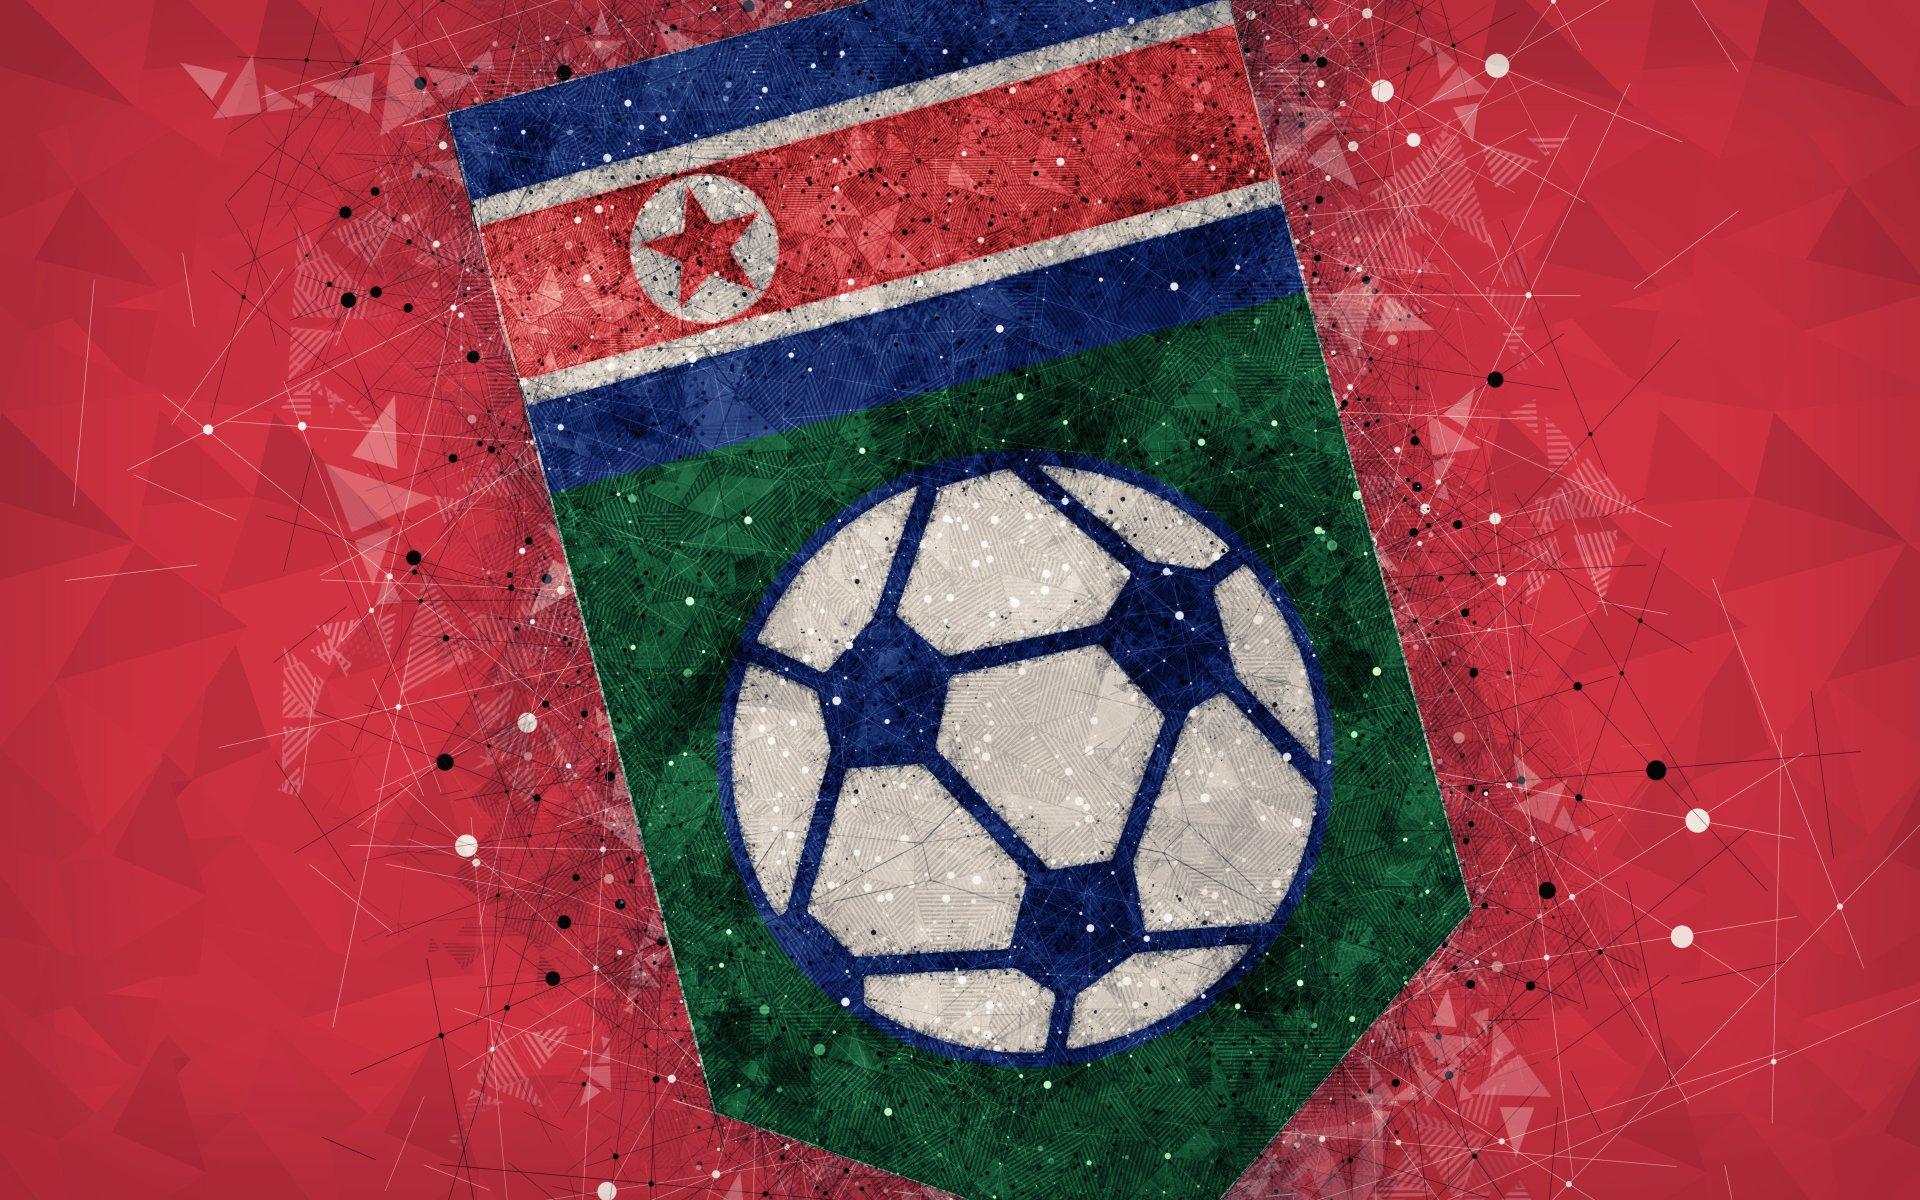 North Korea National Football Team Teams Background